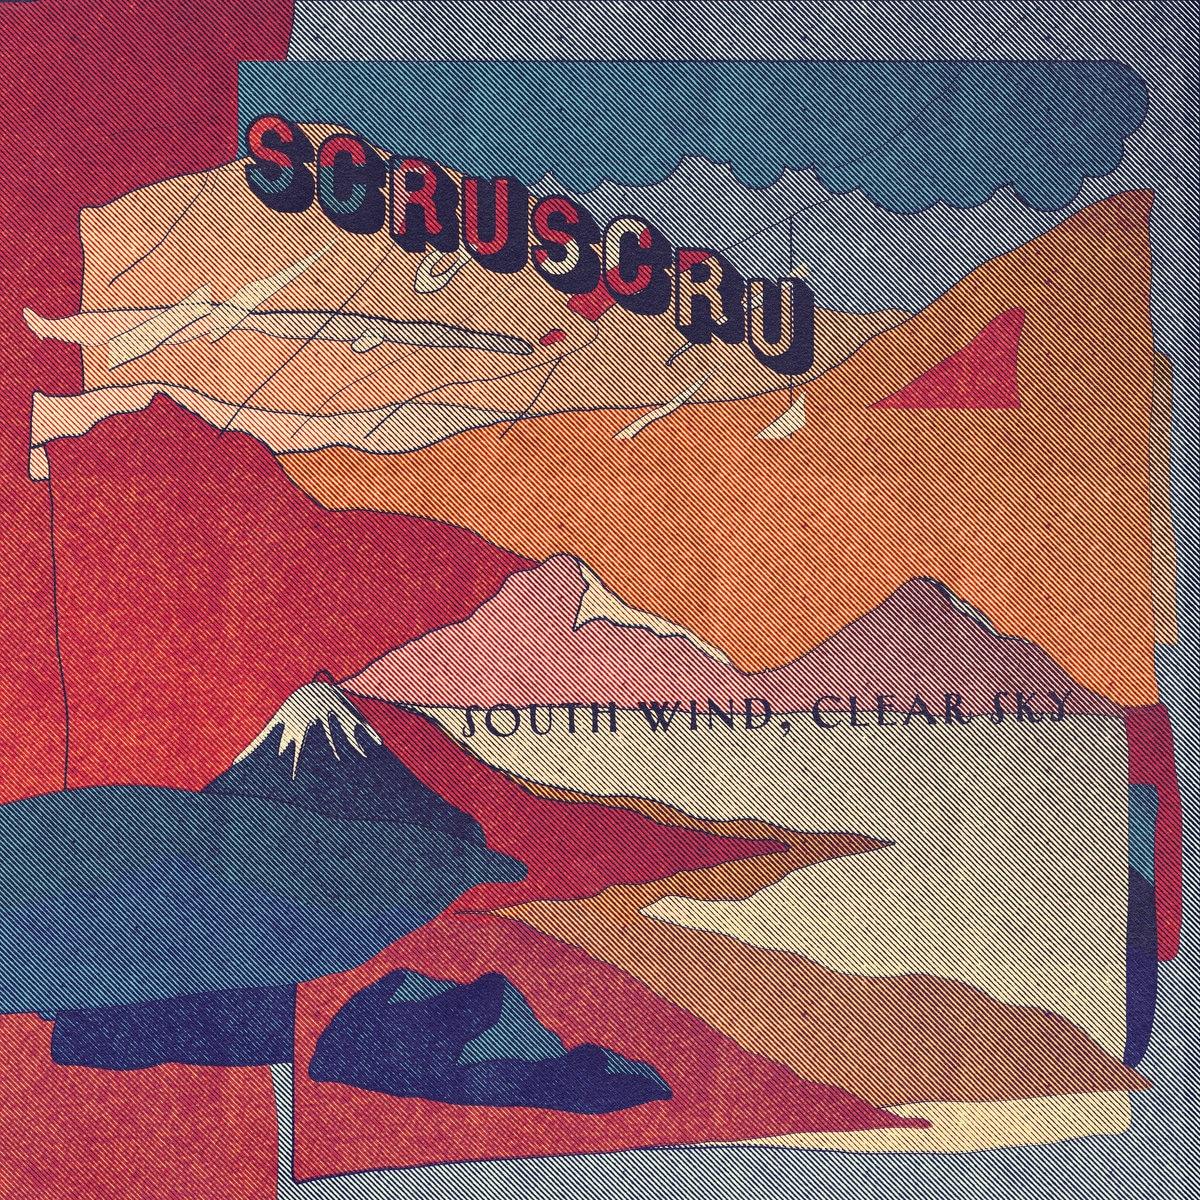 Scruscru South Wind Clear Sky